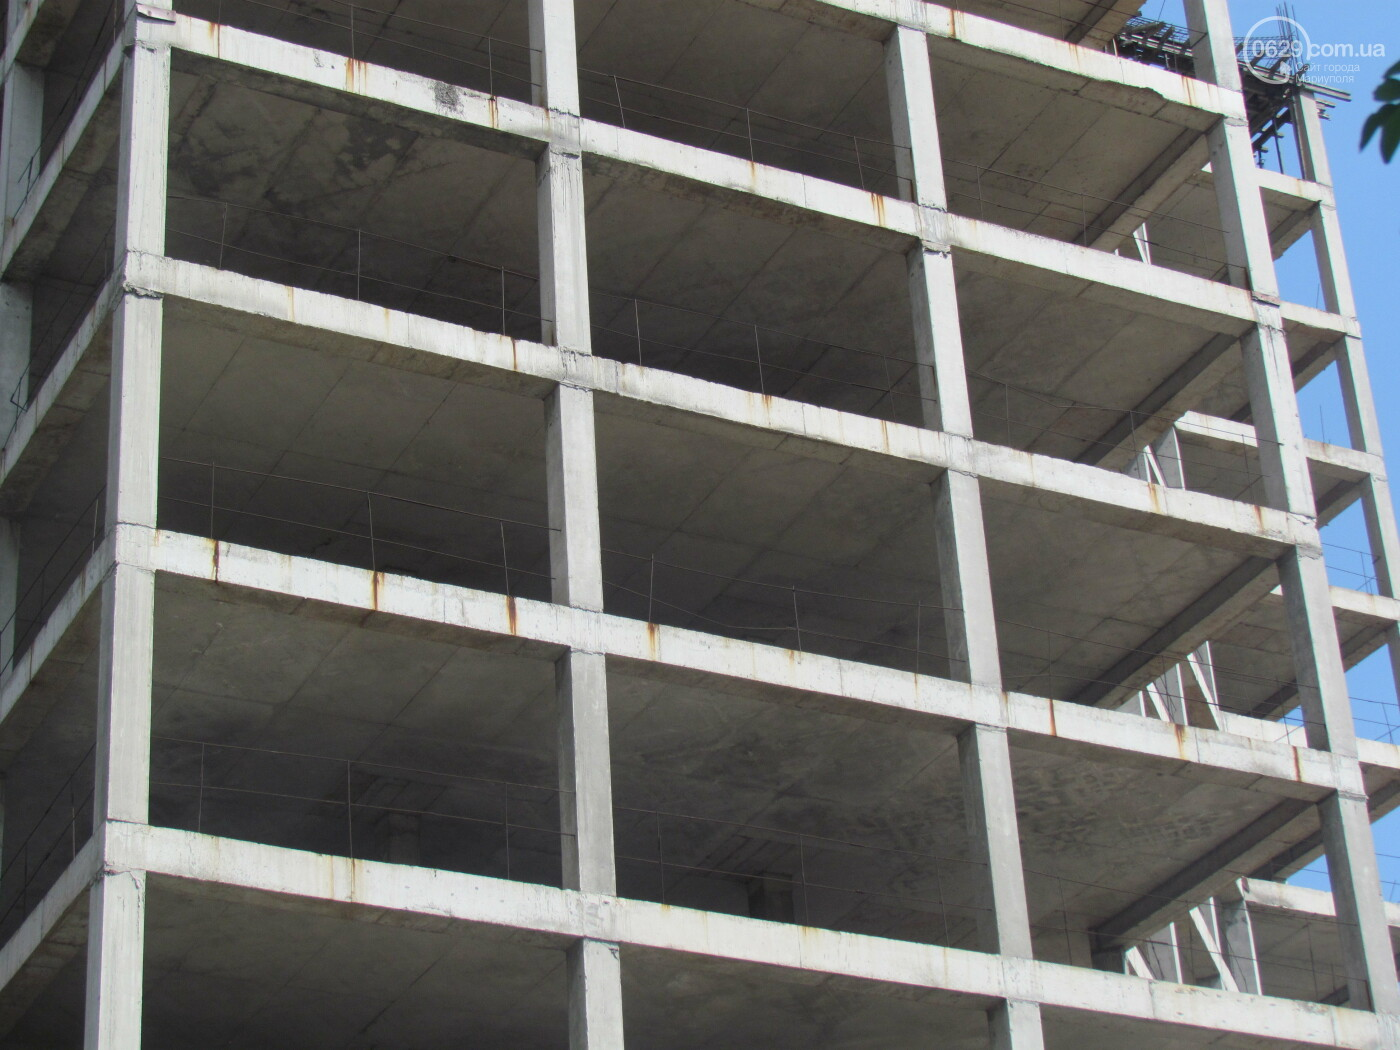 100-квартирный недострой в Мариуполе или нереализованная мечта, - ФОТОРЕПОРТАЖ, фото-5